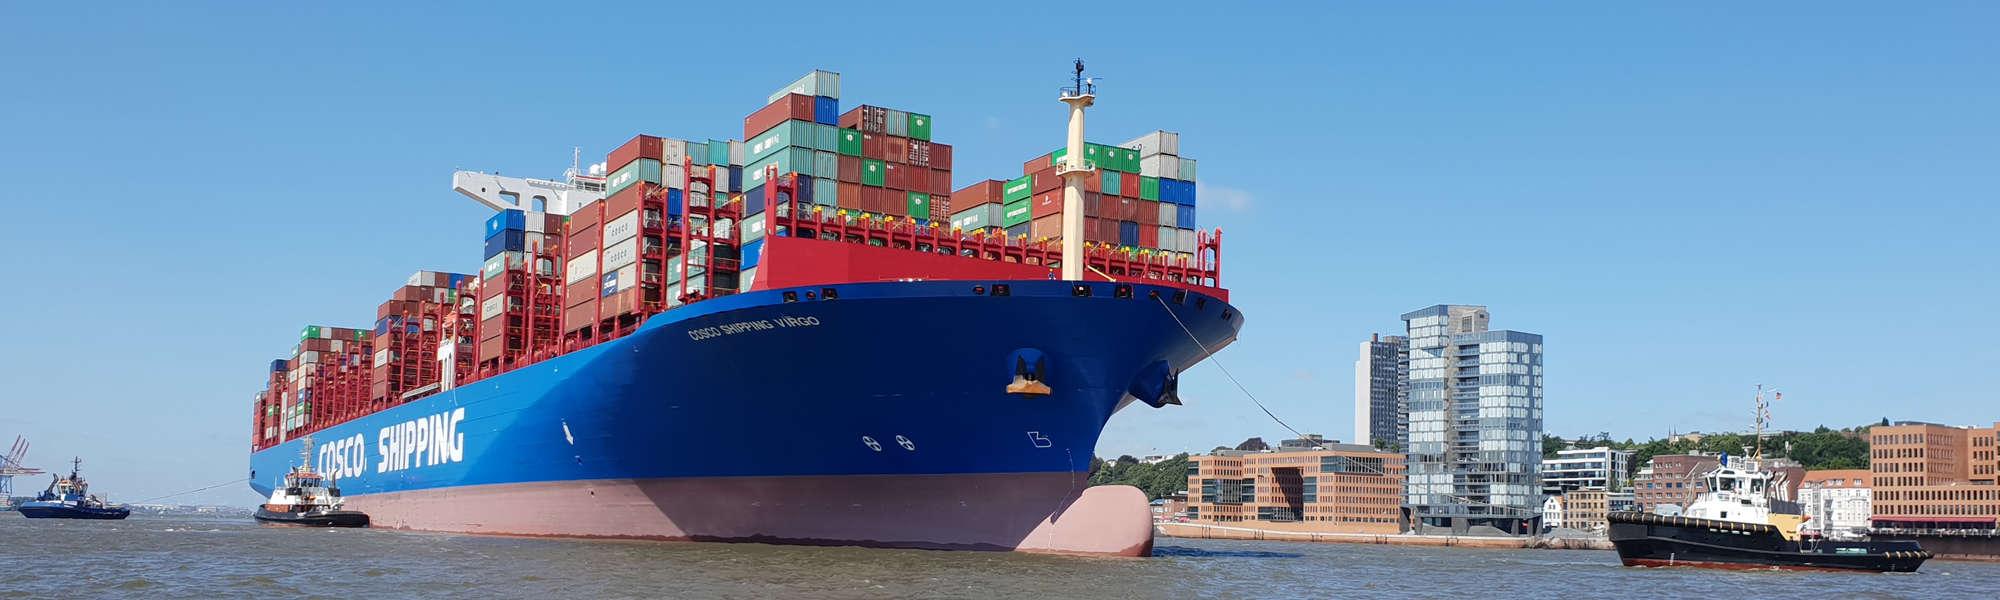 Containerschiff auf Elbe im Hafen Hamburg - Foto: FOLLOW ME Hamburg